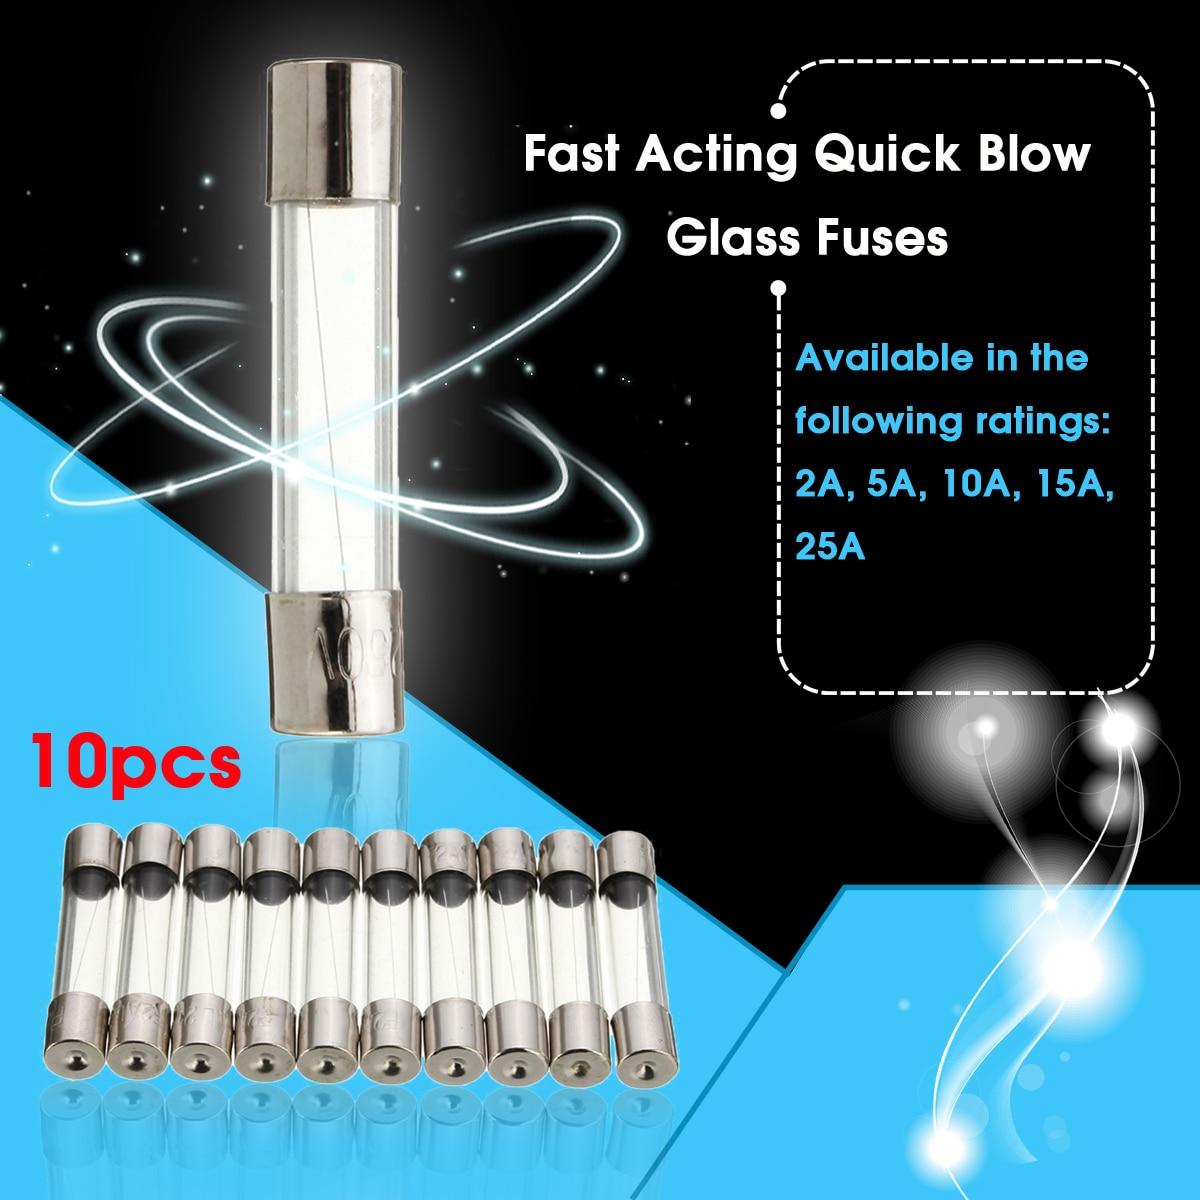 10Pcs/lot AC 220V Quick/Fast Blow Glass Fuse Fuses 2A 5A 10A 15A 25A 35A 50A Fast Quick Blow Glass Tube Fuse Assortment Kit